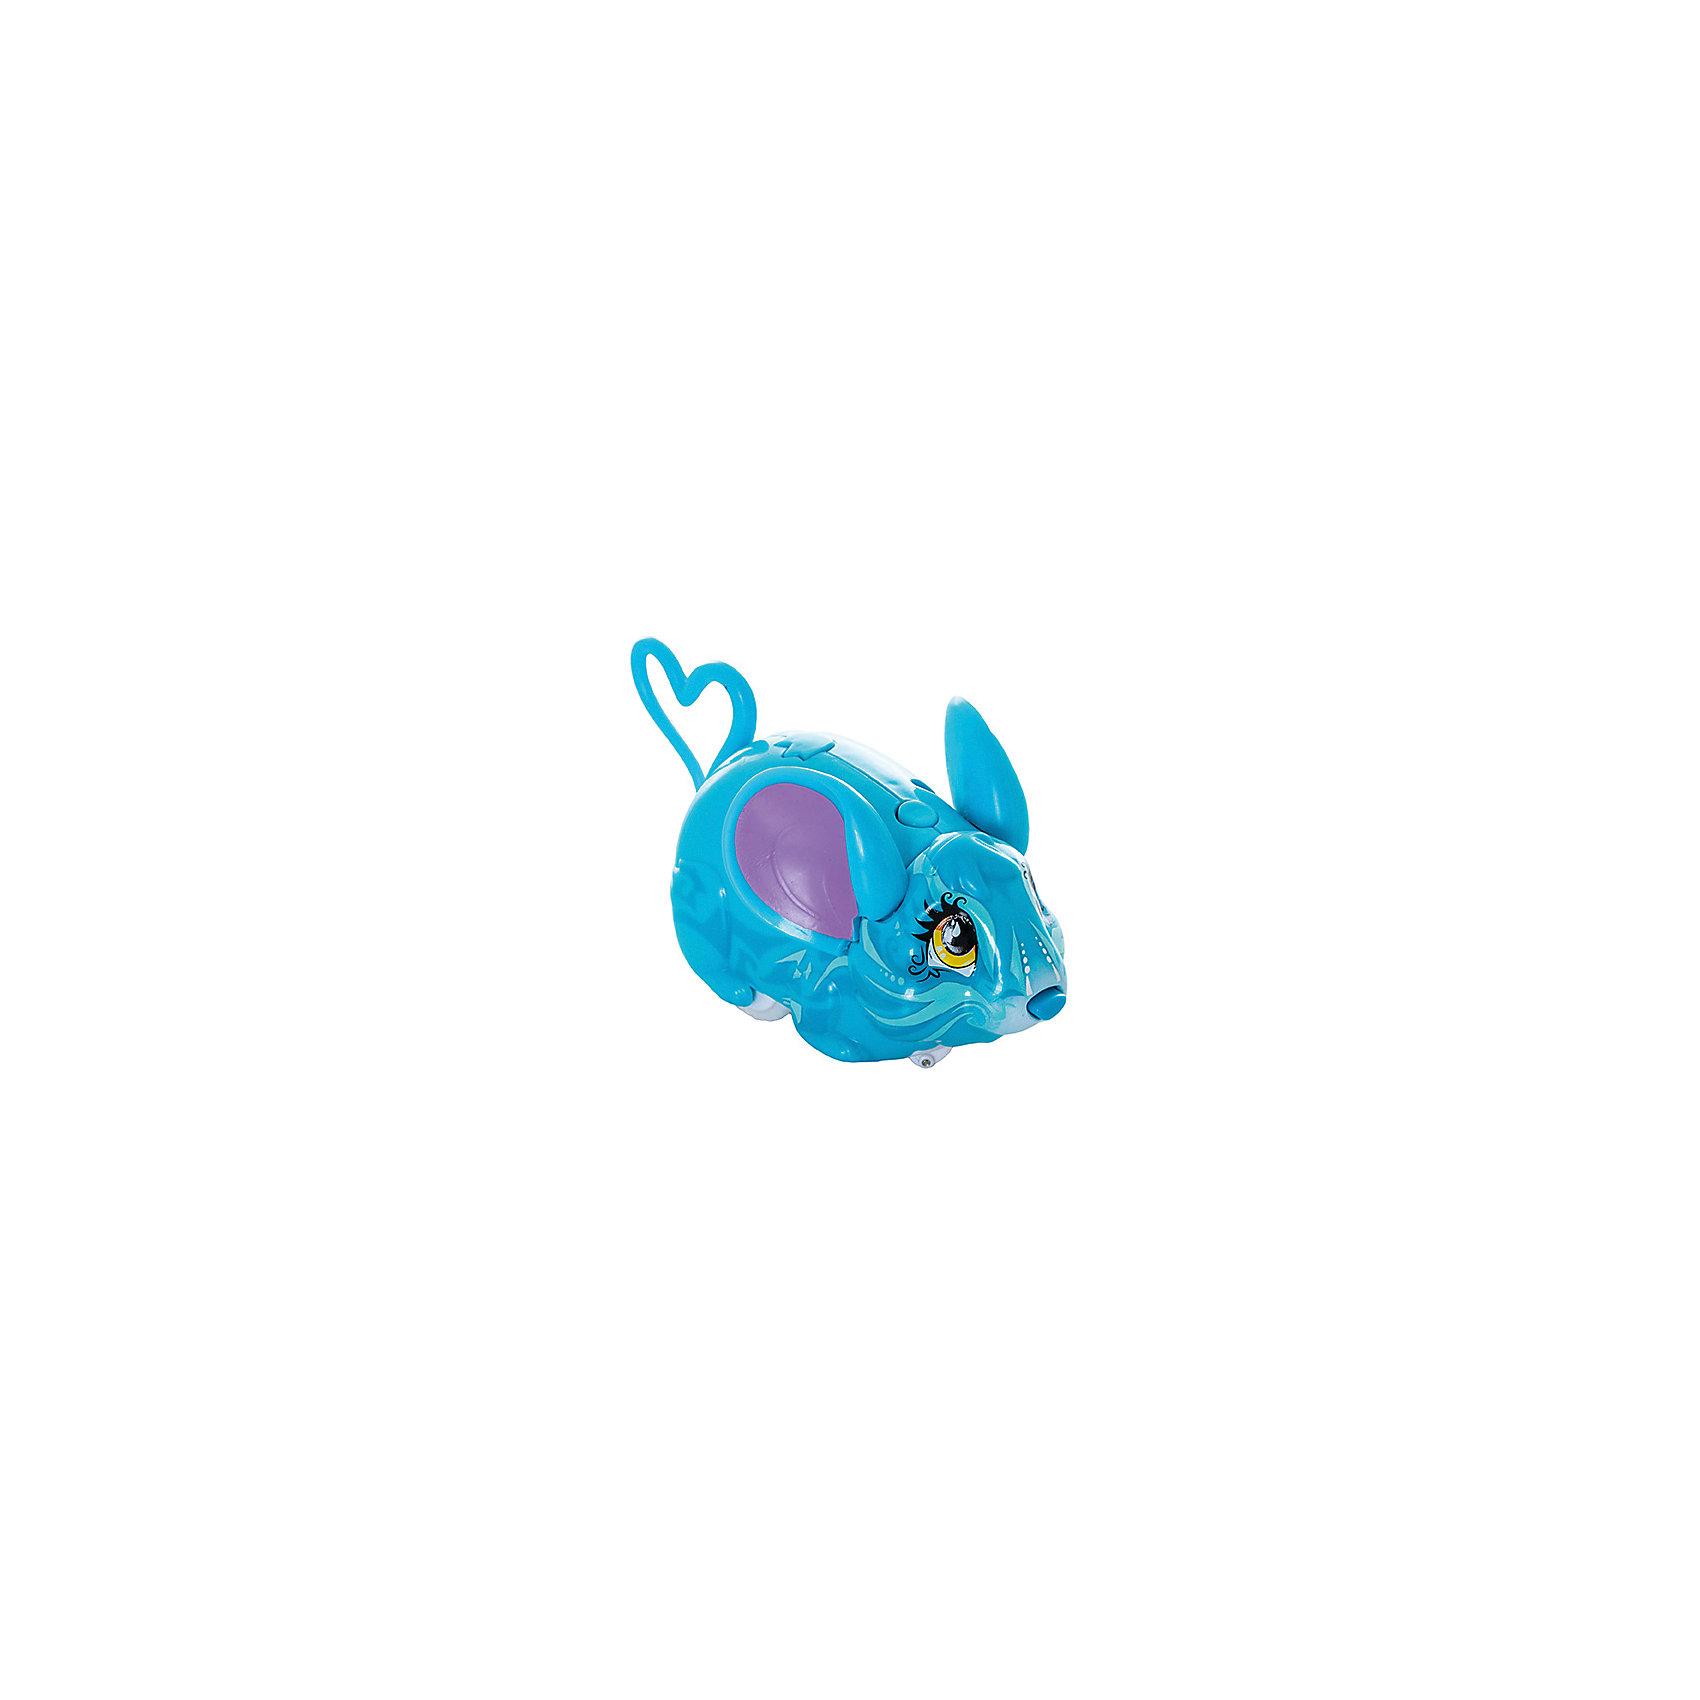 Мышка-циркач Андора, Amazing ZhusИнтерактивные животные<br>Характеристики товара:<br><br>- цвет: голубой;<br>- материал: пластик;<br>- вес : 220 г;<br>- три режима работы;<br>- размер упаковки: 16 x 10 x 7 см;<br>- умеет издавать забавные звуки, изучать пространство.<br><br>Такая игрушка в виде симпатичной мышки поможет ребенку весело проводить время - она умеет издавать забавные звуки и активно изучать пространство, используя нос как радар. Это выглядит очень забавно! <br>Мышка способна помогать всестороннему развитию ребенка: развивать тактильное восприятие, мелкую моторику, воображение, внимание и логику. Изделие произведено из качественных материалов, безопасных для ребенка. Набор станет отличным подарком детям!<br><br>Игрушку Мышка-циркач Андора от бренда Amazing Zhus можно купить в нашем интернет-магазине.<br><br>Ширина мм: 160<br>Глубина мм: 130<br>Высота мм: 70<br>Вес г: 220<br>Возраст от месяцев: 36<br>Возраст до месяцев: 2147483647<br>Пол: Женский<br>Возраст: Детский<br>SKU: 5124481